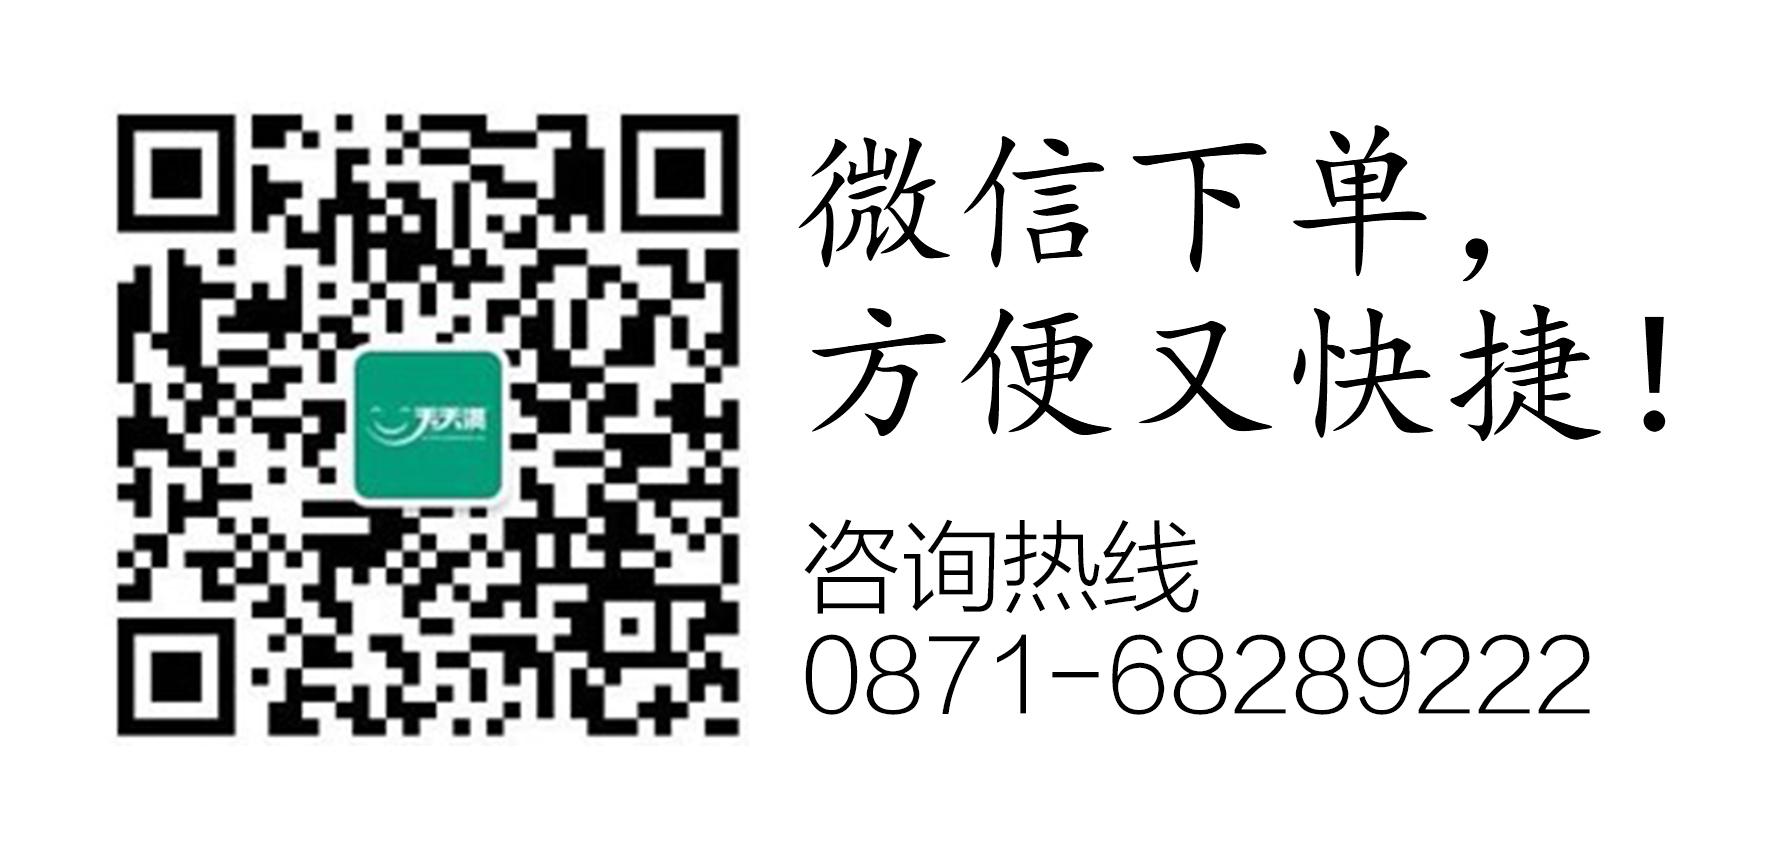 微信公众平台下单,方便又快捷!